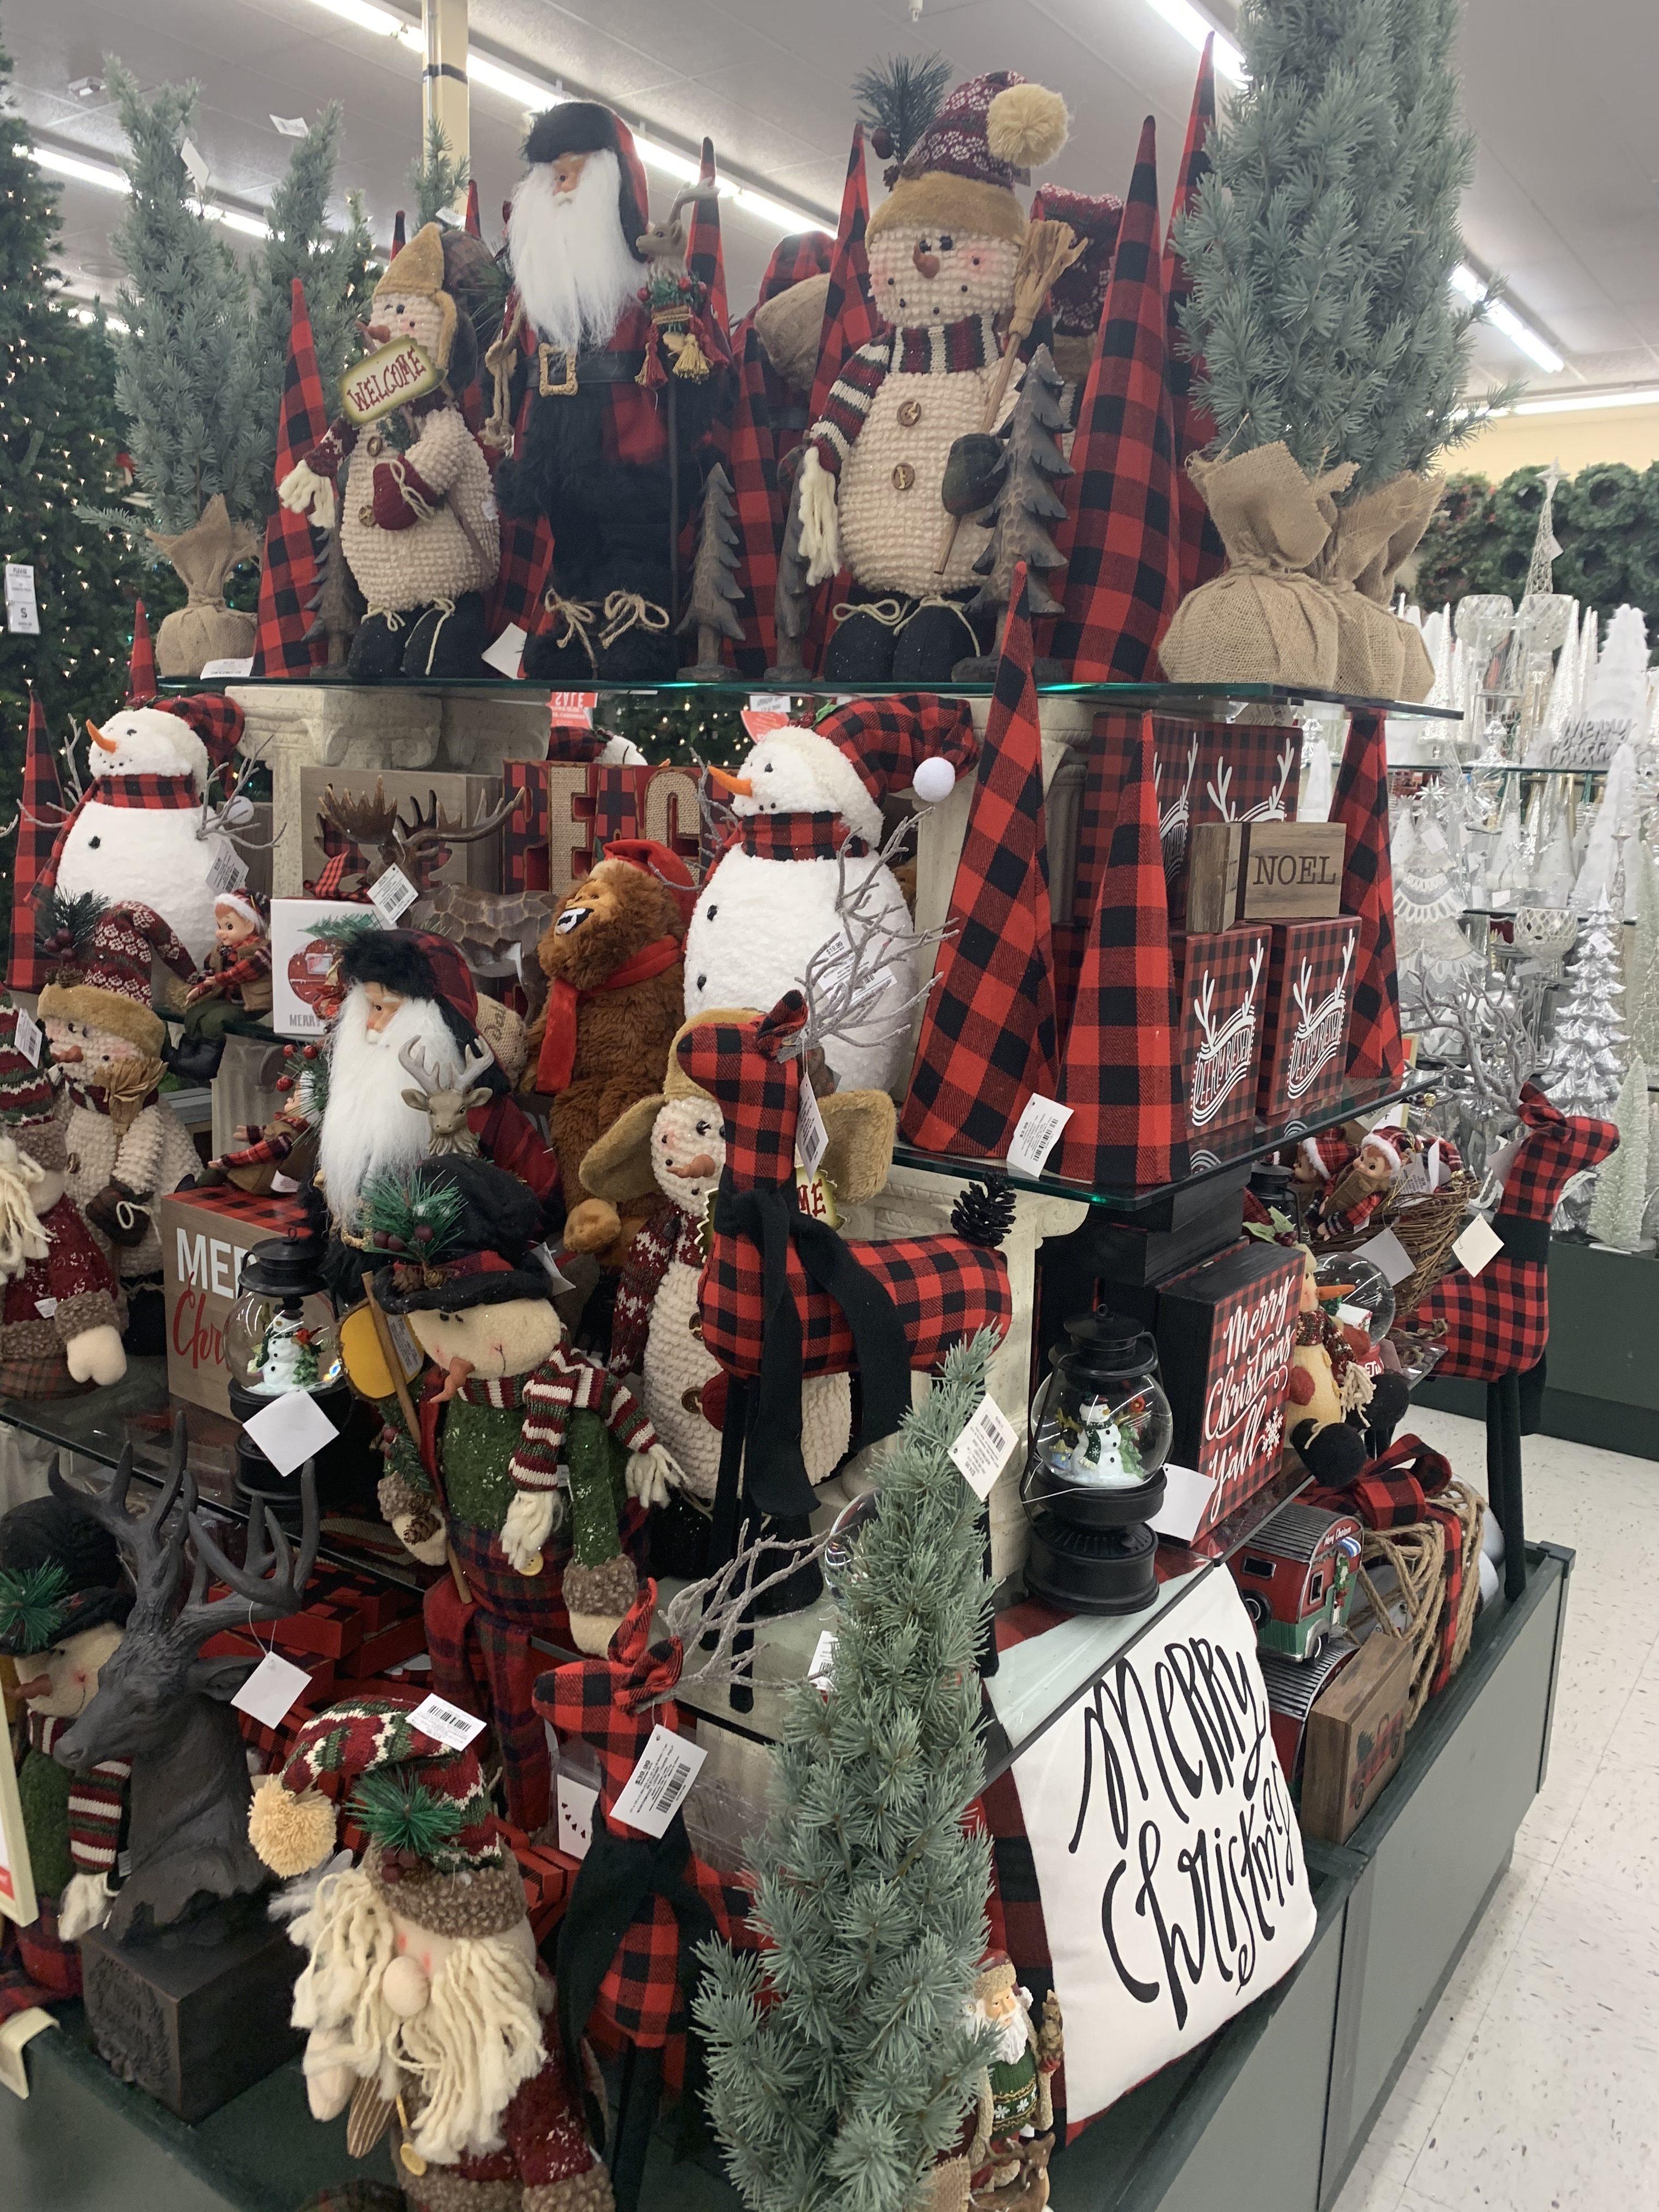 Tour of Hobby Lobby s Christmas Decor – Lizzy & Erin